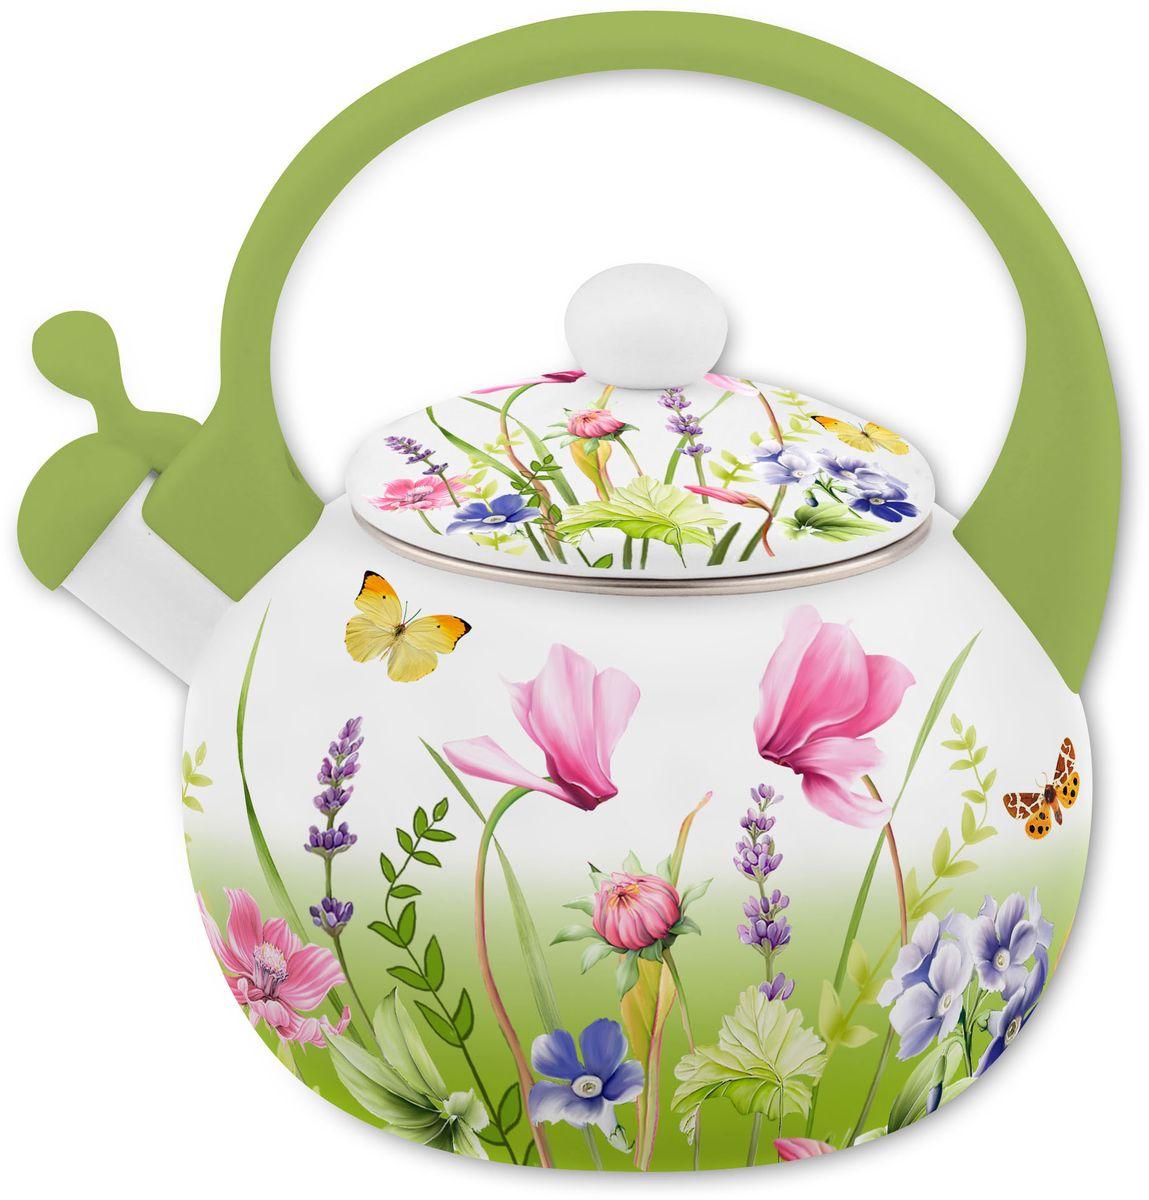 Чайник Appetite Примавера, со свистком, 2 л058449Чайник Appetite Примавера изготовлен из высококачественного стального проката сэмалированным покрытием. Эмалированная посуда очень удобна в использовании, она практичнаи элегантна. За такой посудой легко ухаживать: чистить и мыть. Чайники с эмалированнымпокрытием обладают неоспоримым преимуществом: гладкая поверхность не впитывает запахи ипрепятствует размножению бактерий. Чайник оснащен удобной бакелитовой ручкой. Носикчайника имеет откидной свисток, звуковой сигнал которого подскажет, когда закипит вода. Подходит для использования на всех видах плит: электрических, газовых, стеклокерамических,индукционных.